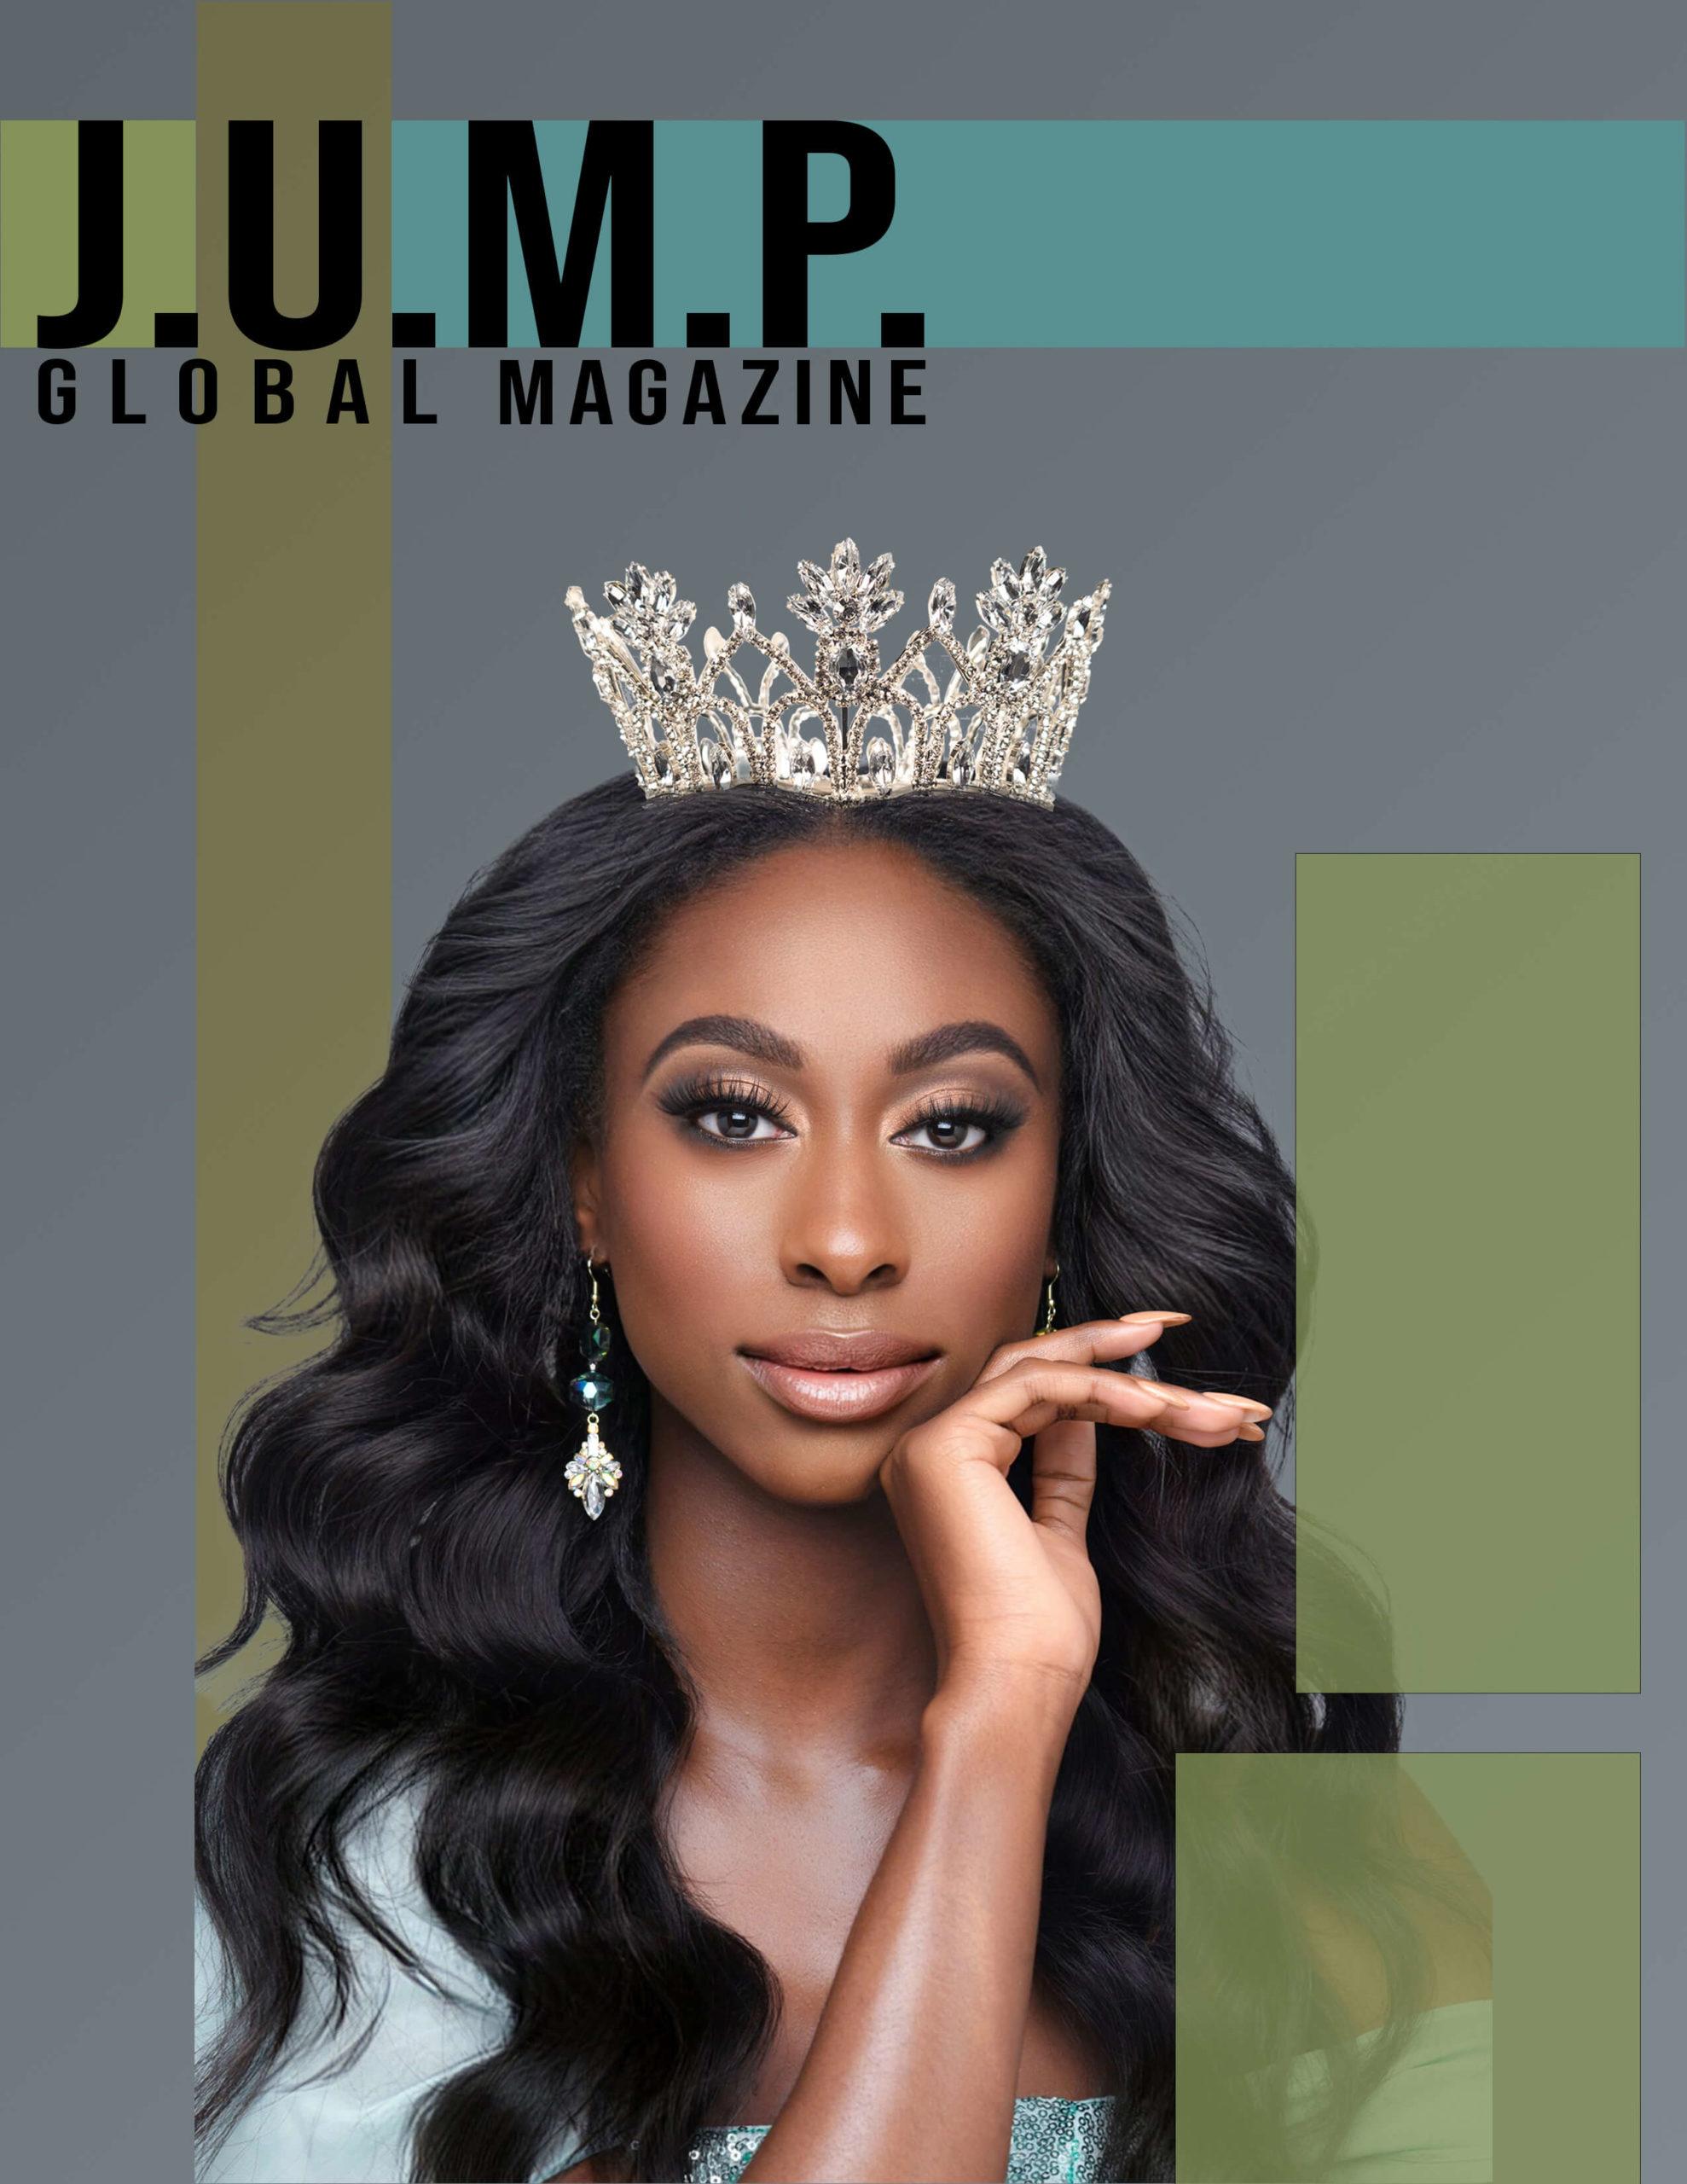 J.U.M.P Global Magazine